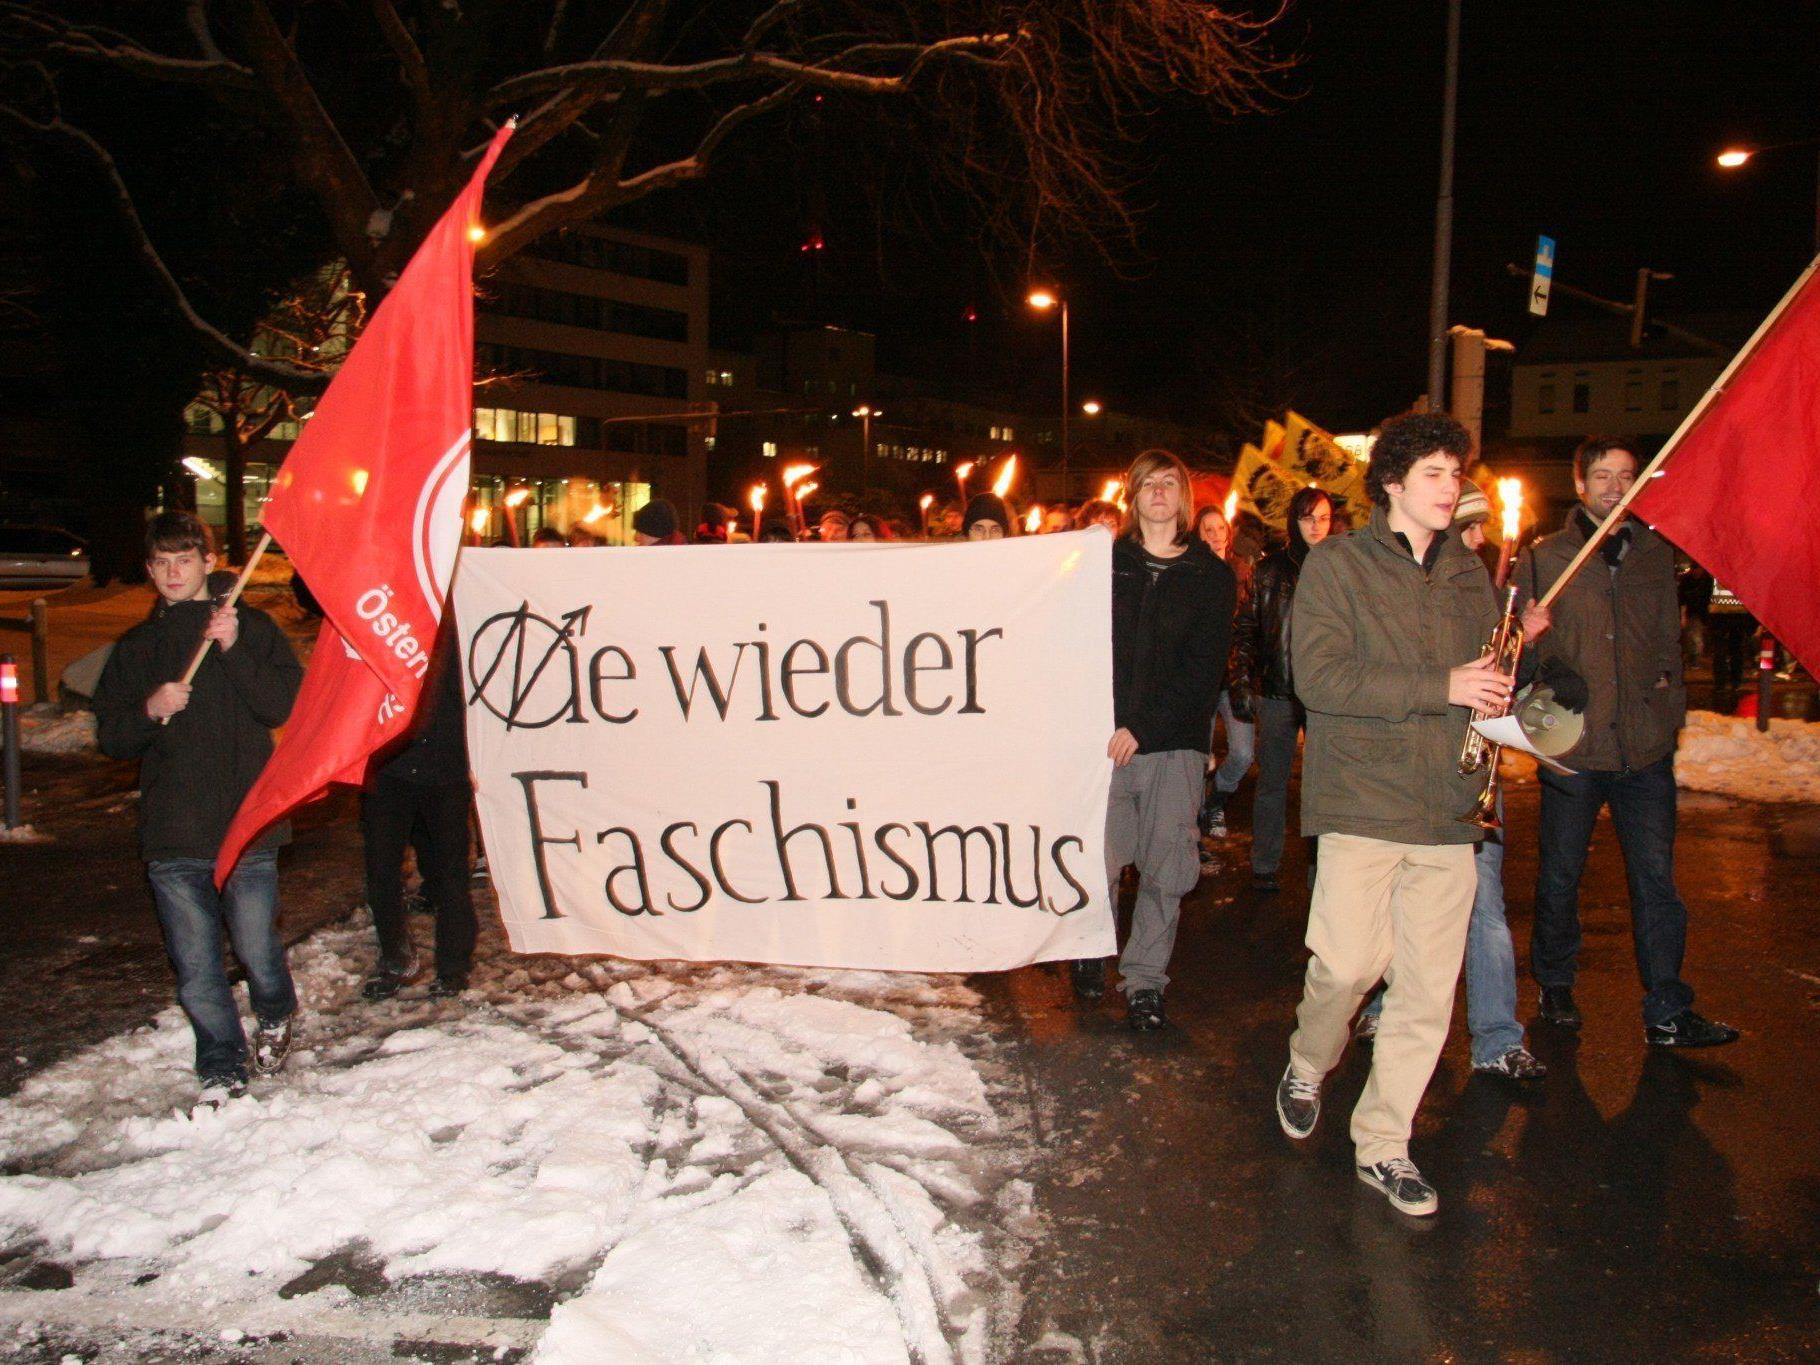 Heute Abend findet in Bregenz anlässlich des 80. Gedenktages an die Februarkämpfe ein Fackelzug mit anschließender Podiumsdiskussion mit Dr. Werner Bundschuh statt.